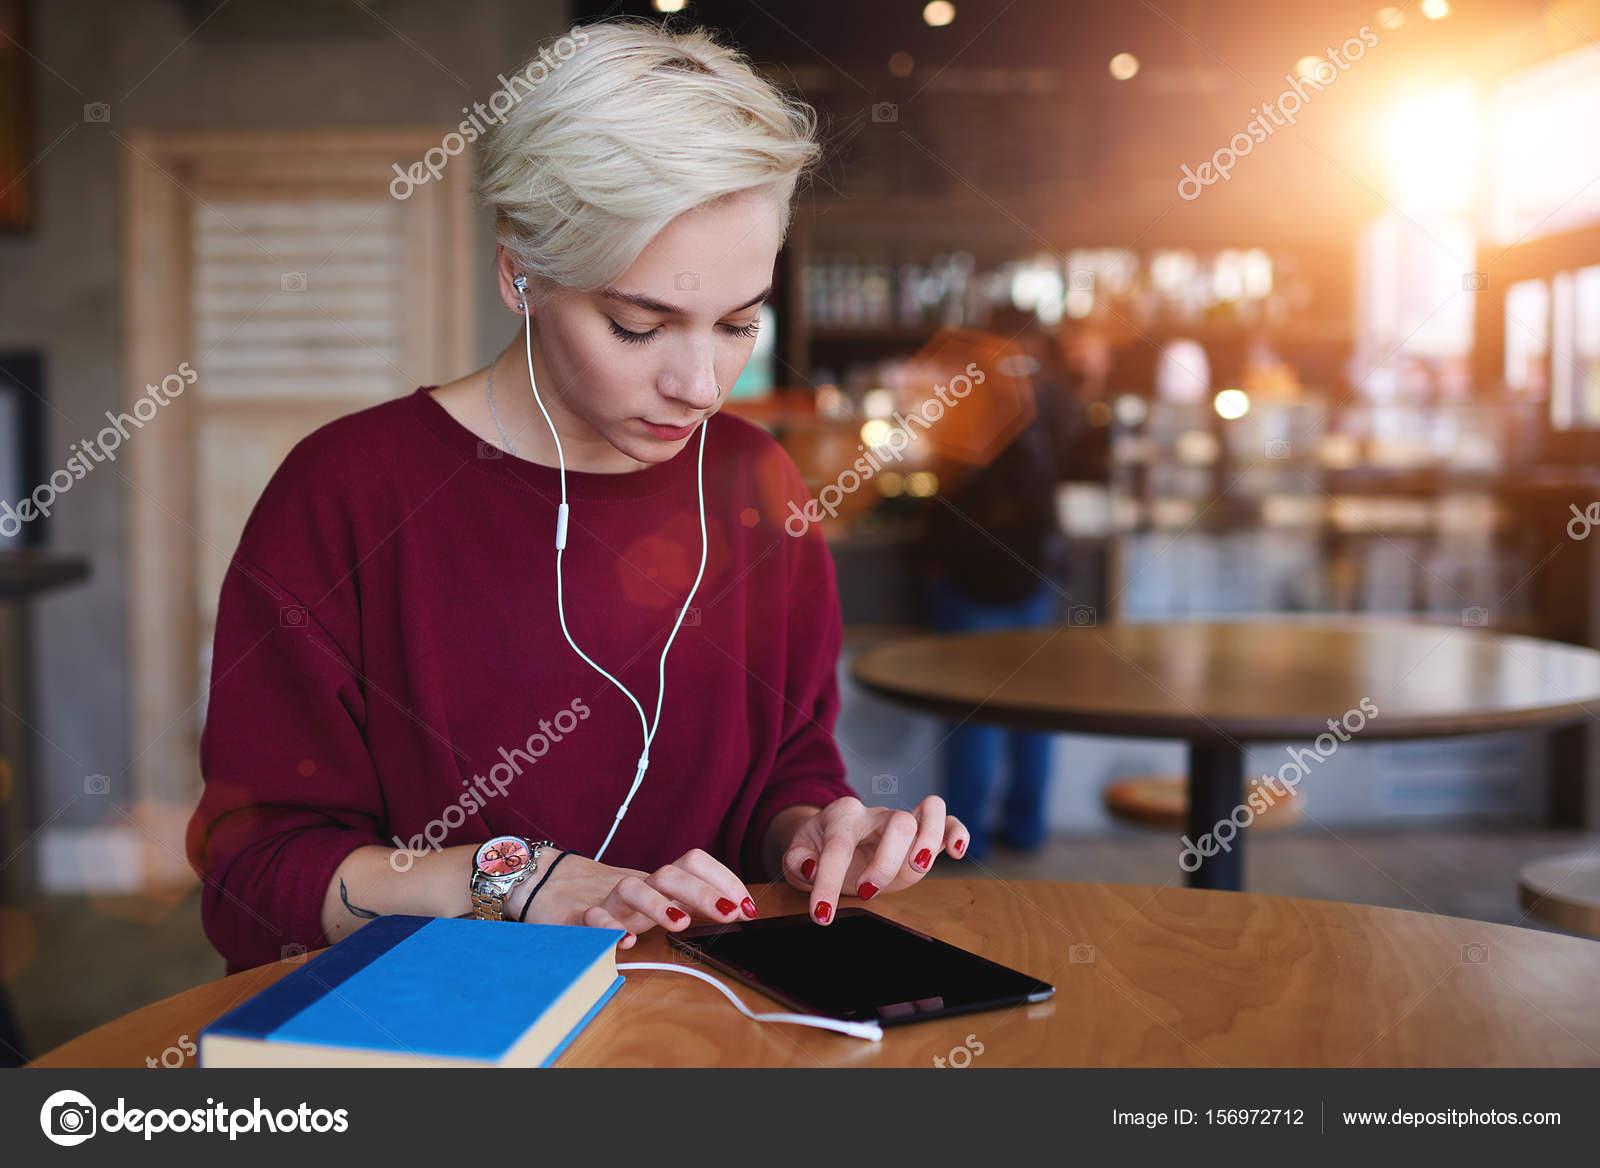 ff0b18ec1f14 Ελκυστική γυναίκα hipster ντυμένος με μοντέρνο φούτερ κάνει online αγορές  στο ηλεκτρονικό κατάστημα casual ενδυμάτων μέσω touchpad ασύρματης σύνδεσης  ...